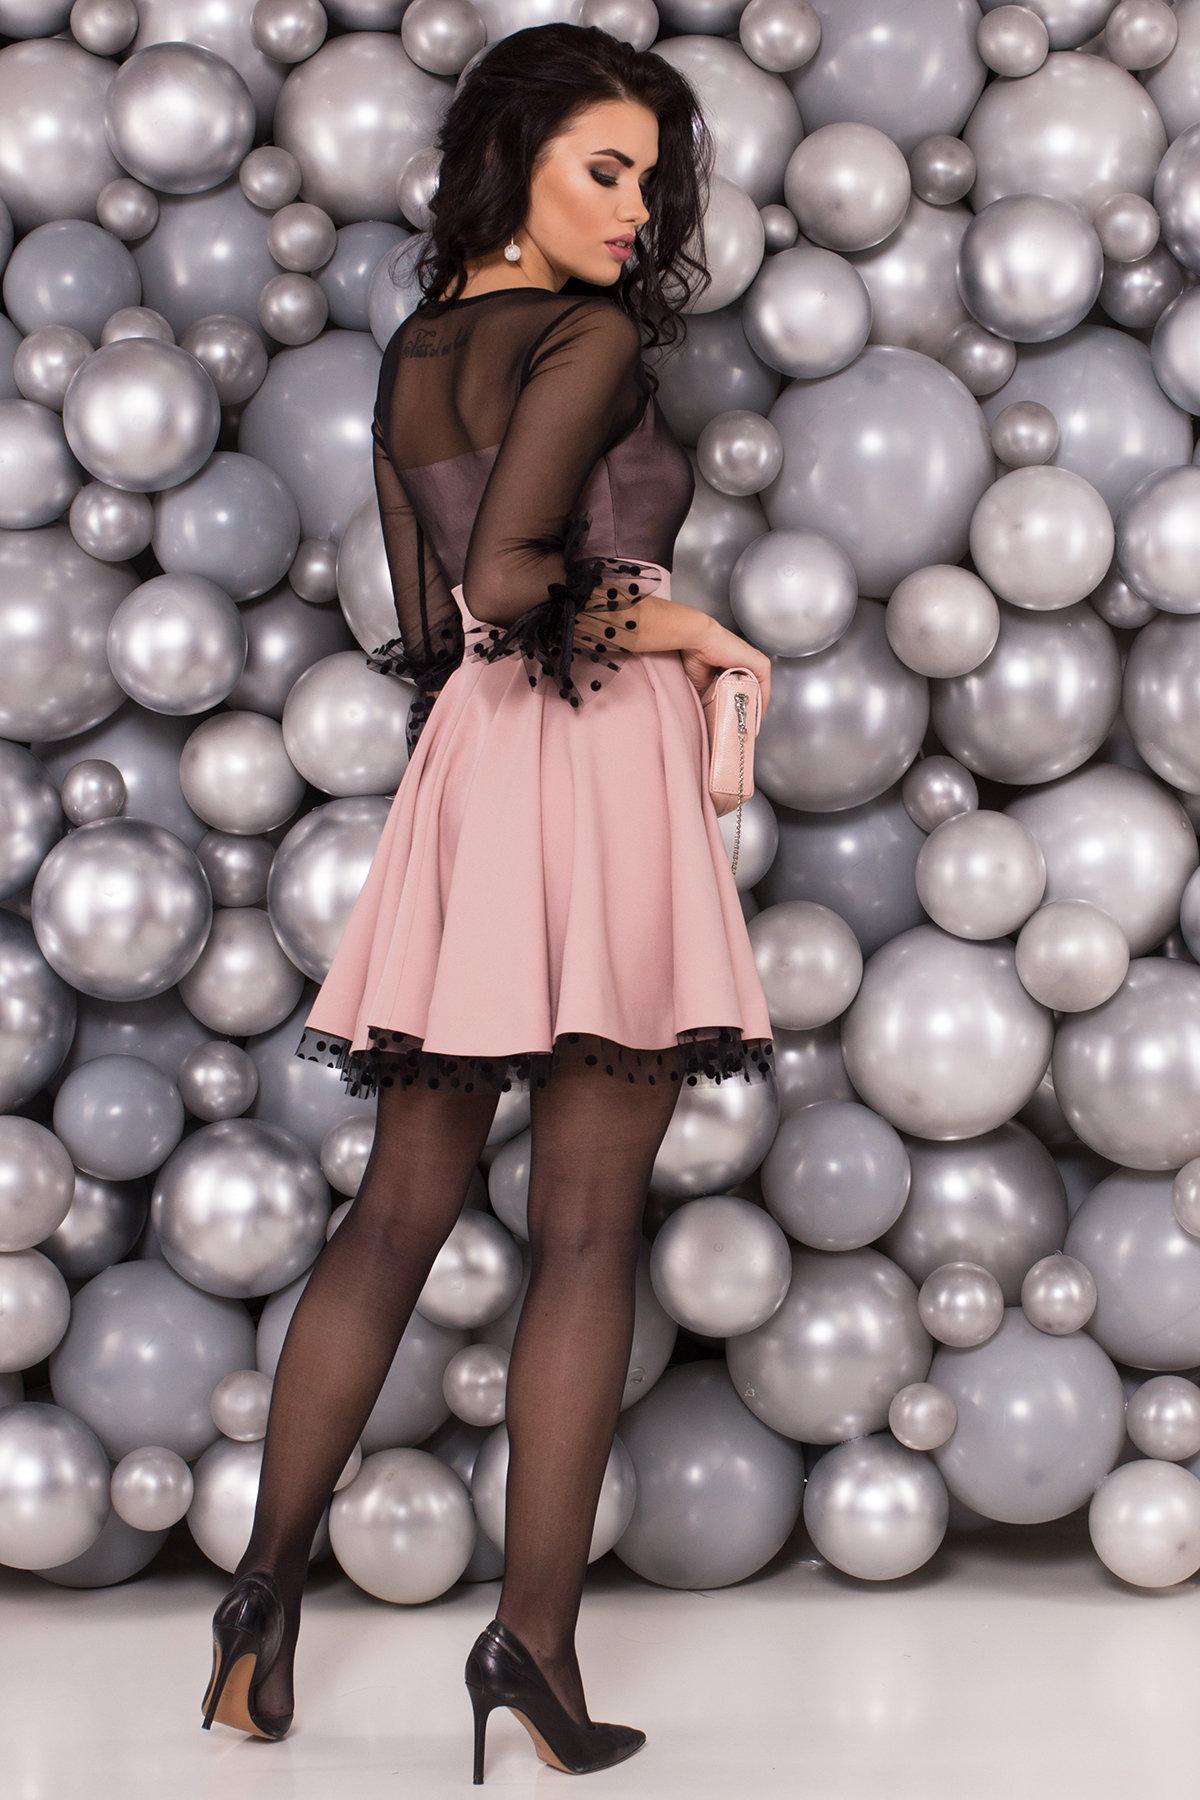 Нарядное платье Адриана 6022 АРТ. 45120 Цвет: Пудра/Черный - фото 2, интернет магазин tm-modus.ru